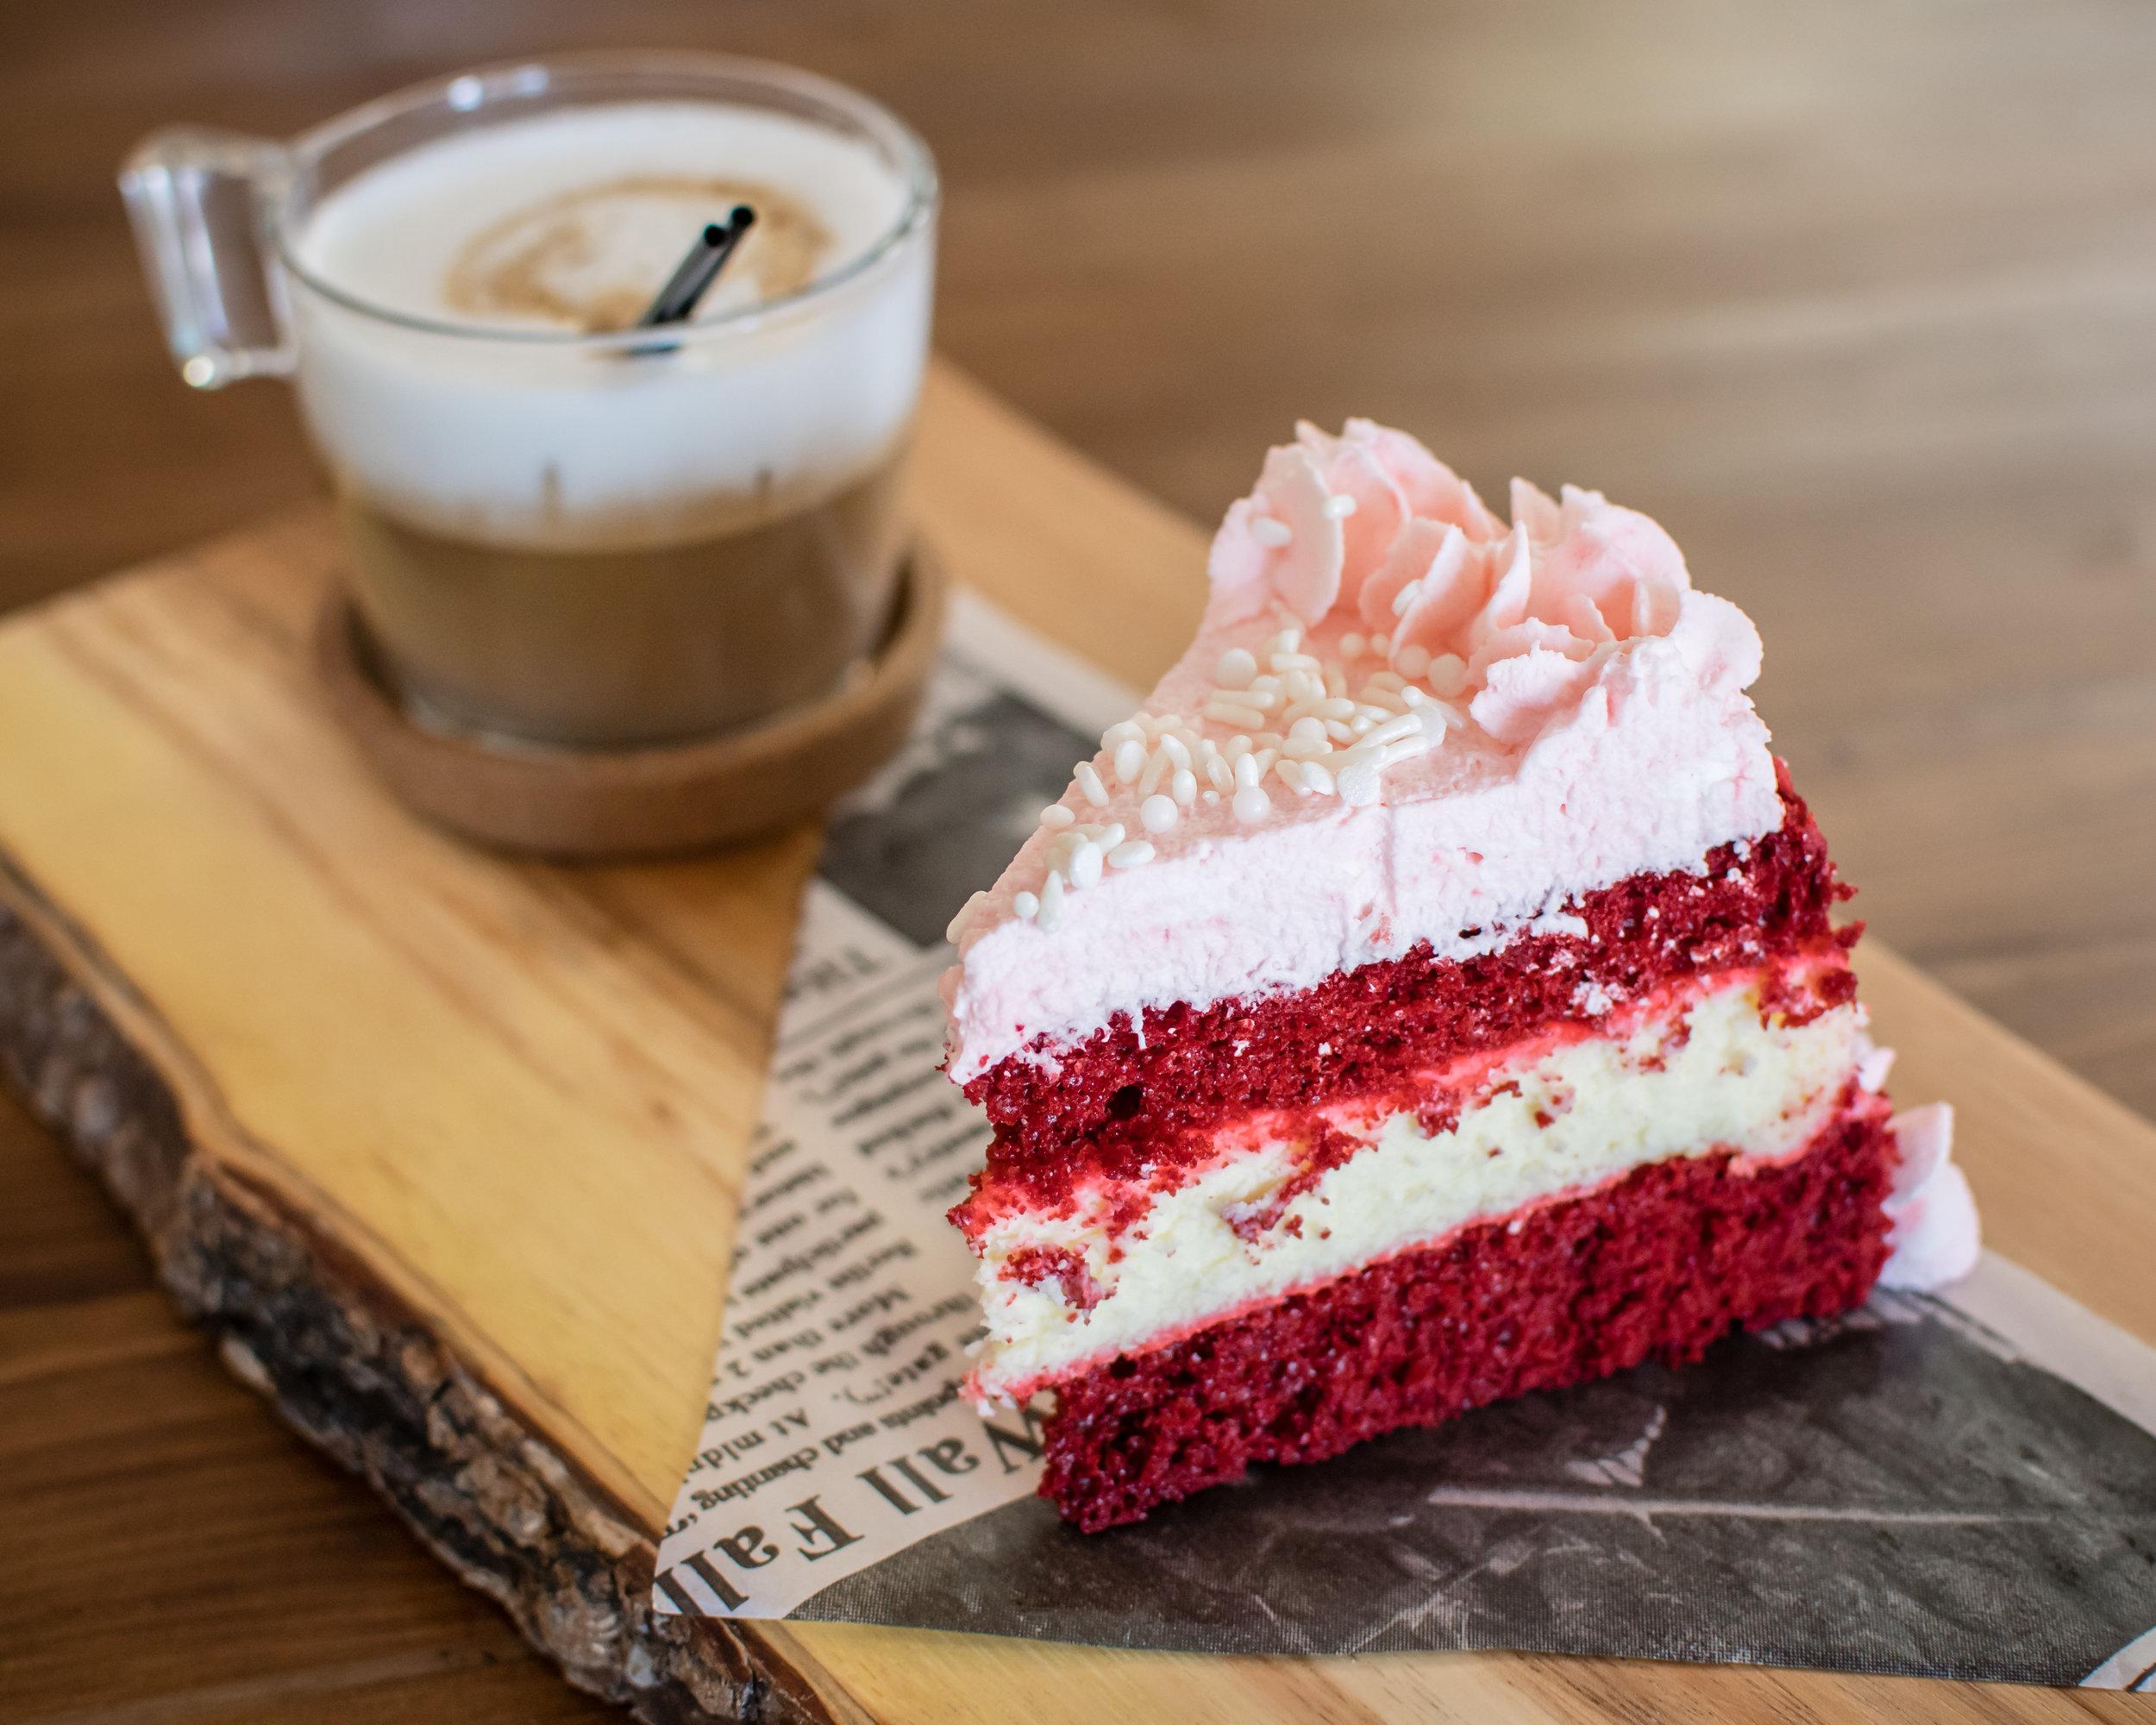 red-velvet-cheesecake-orlando-food-photographer-yanitza-ninett